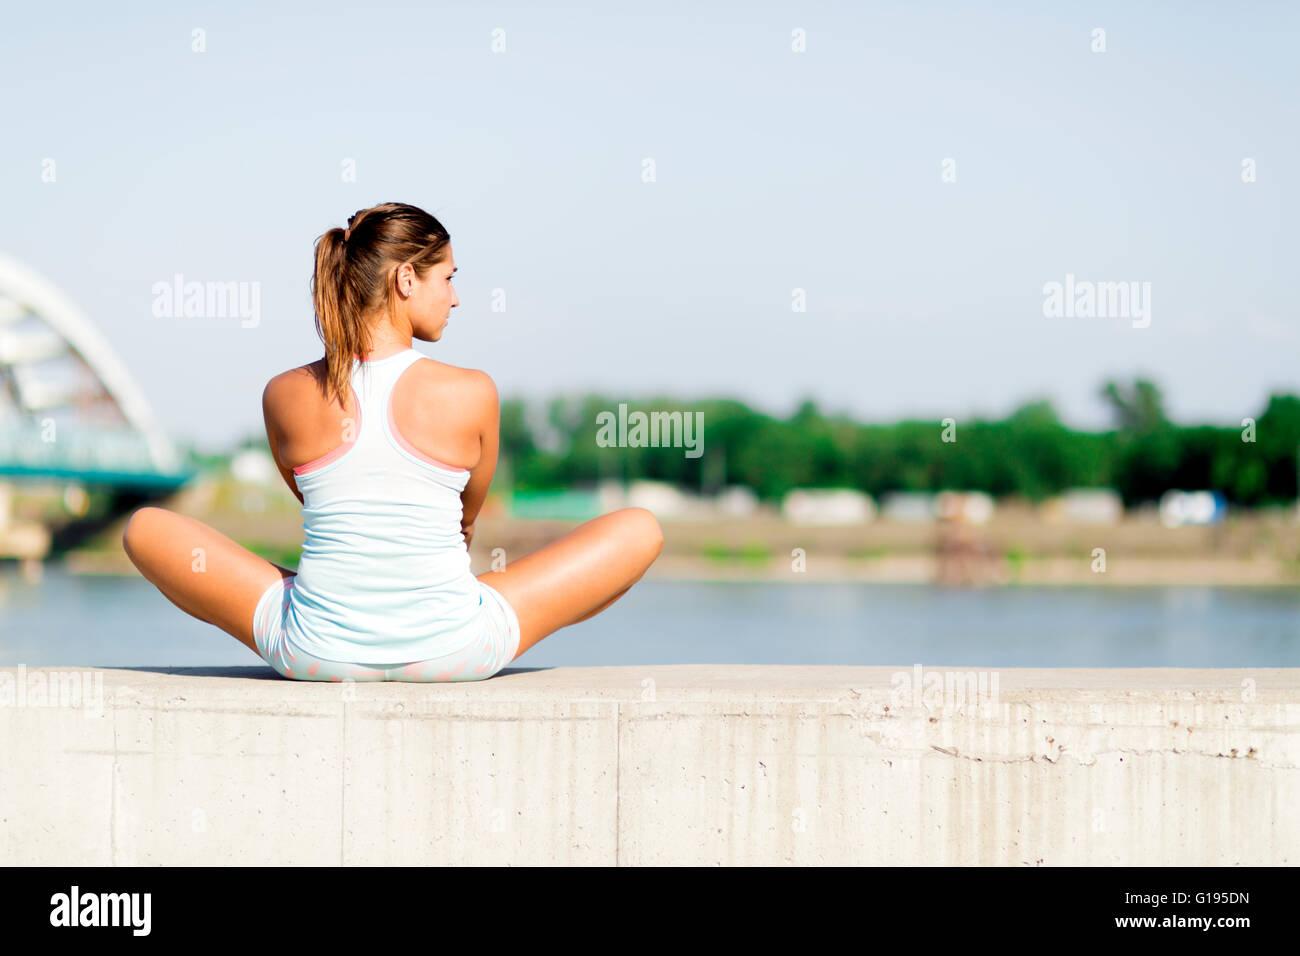 Mujer joven de estiramiento y relax en la ciudad antes del ejercicio Imagen De Stock